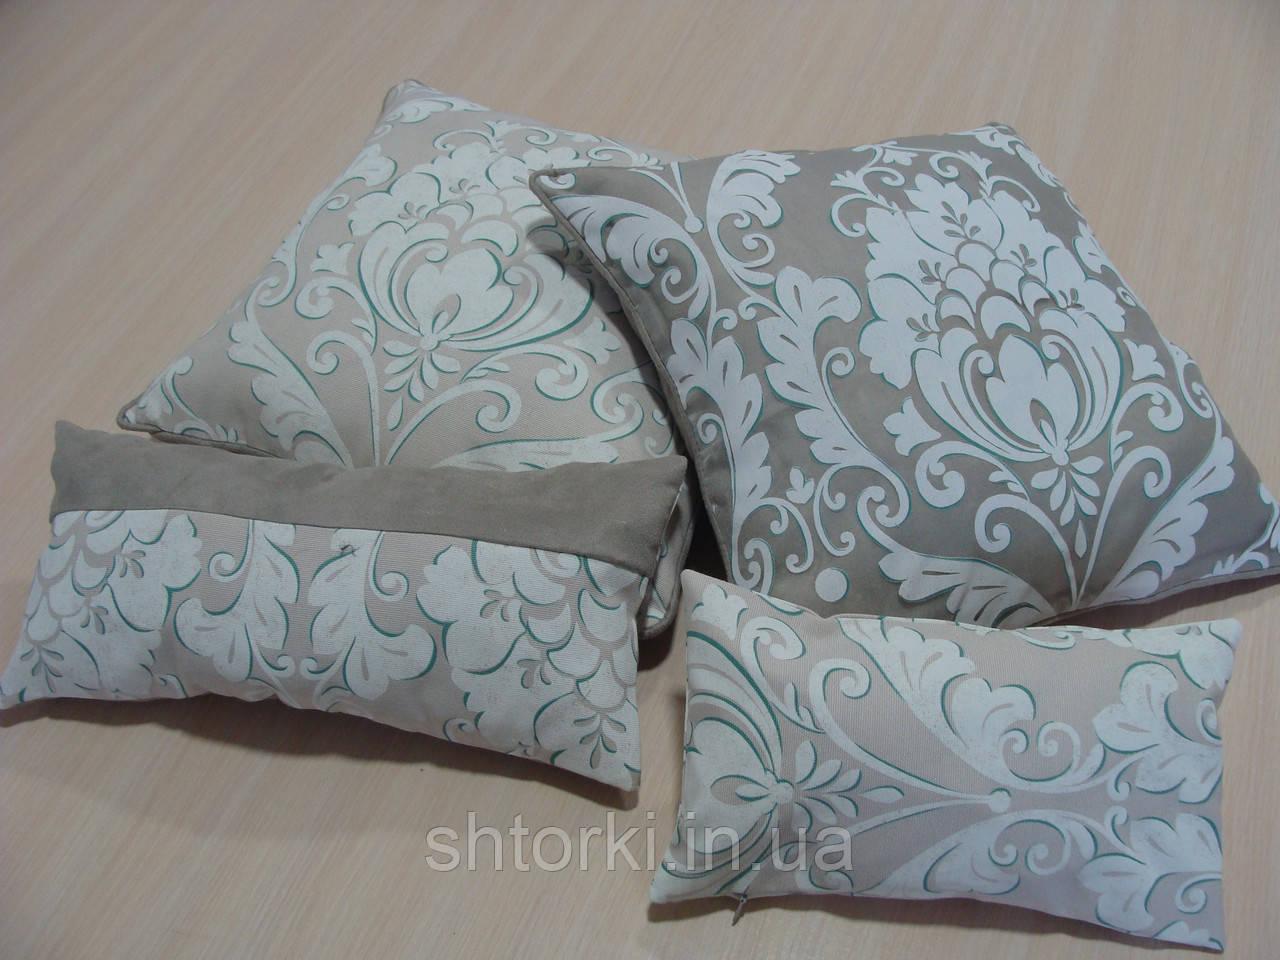 Комплект подушек серо бежевые 4шт